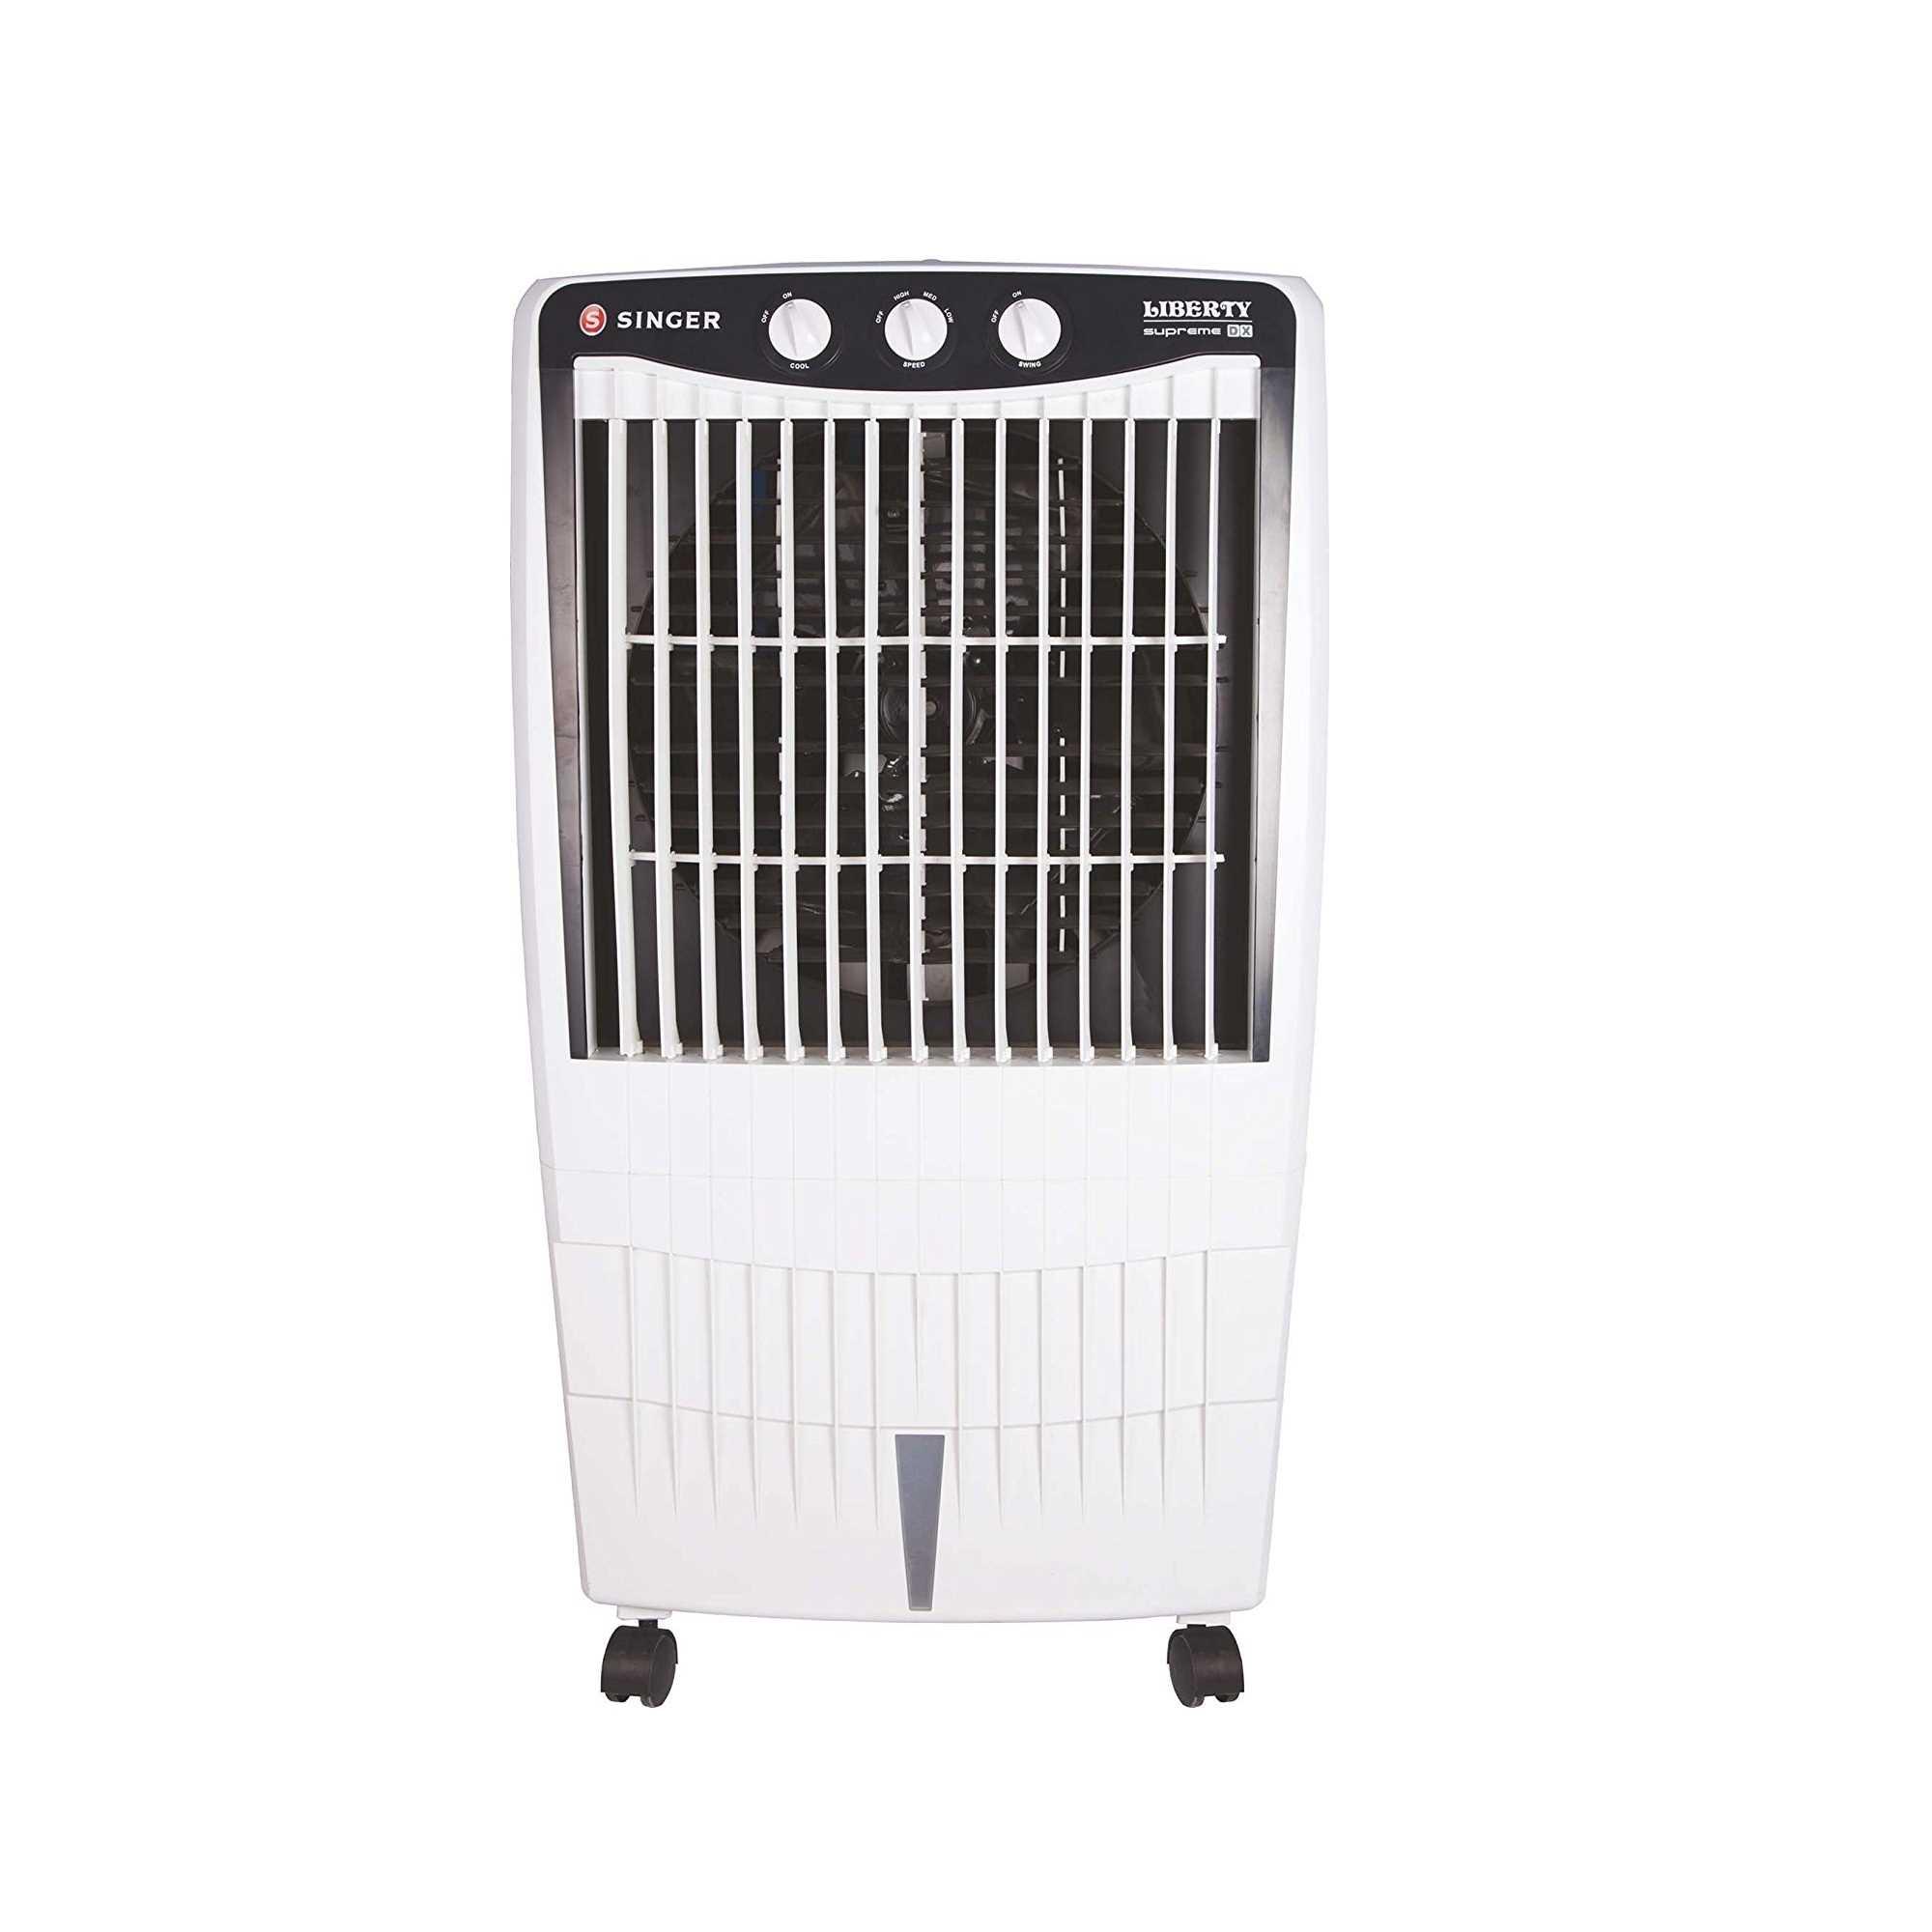 Singer Liberty Supreme DX 85 Litre Desert Cooler